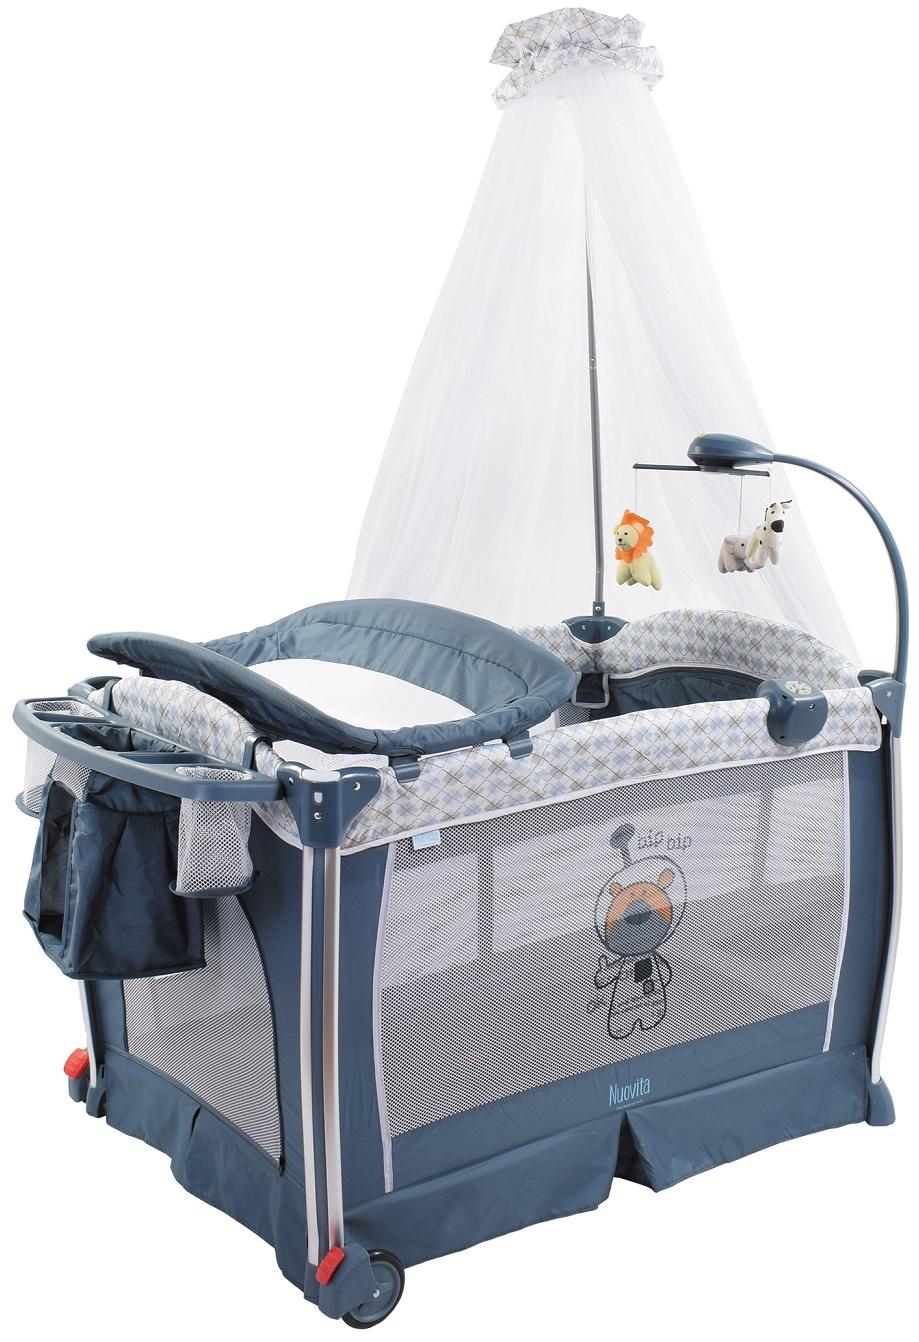 Купить Детская кровать-манеж Nuovita Fortezza, цвет - Grigio scuro / Темно-серый